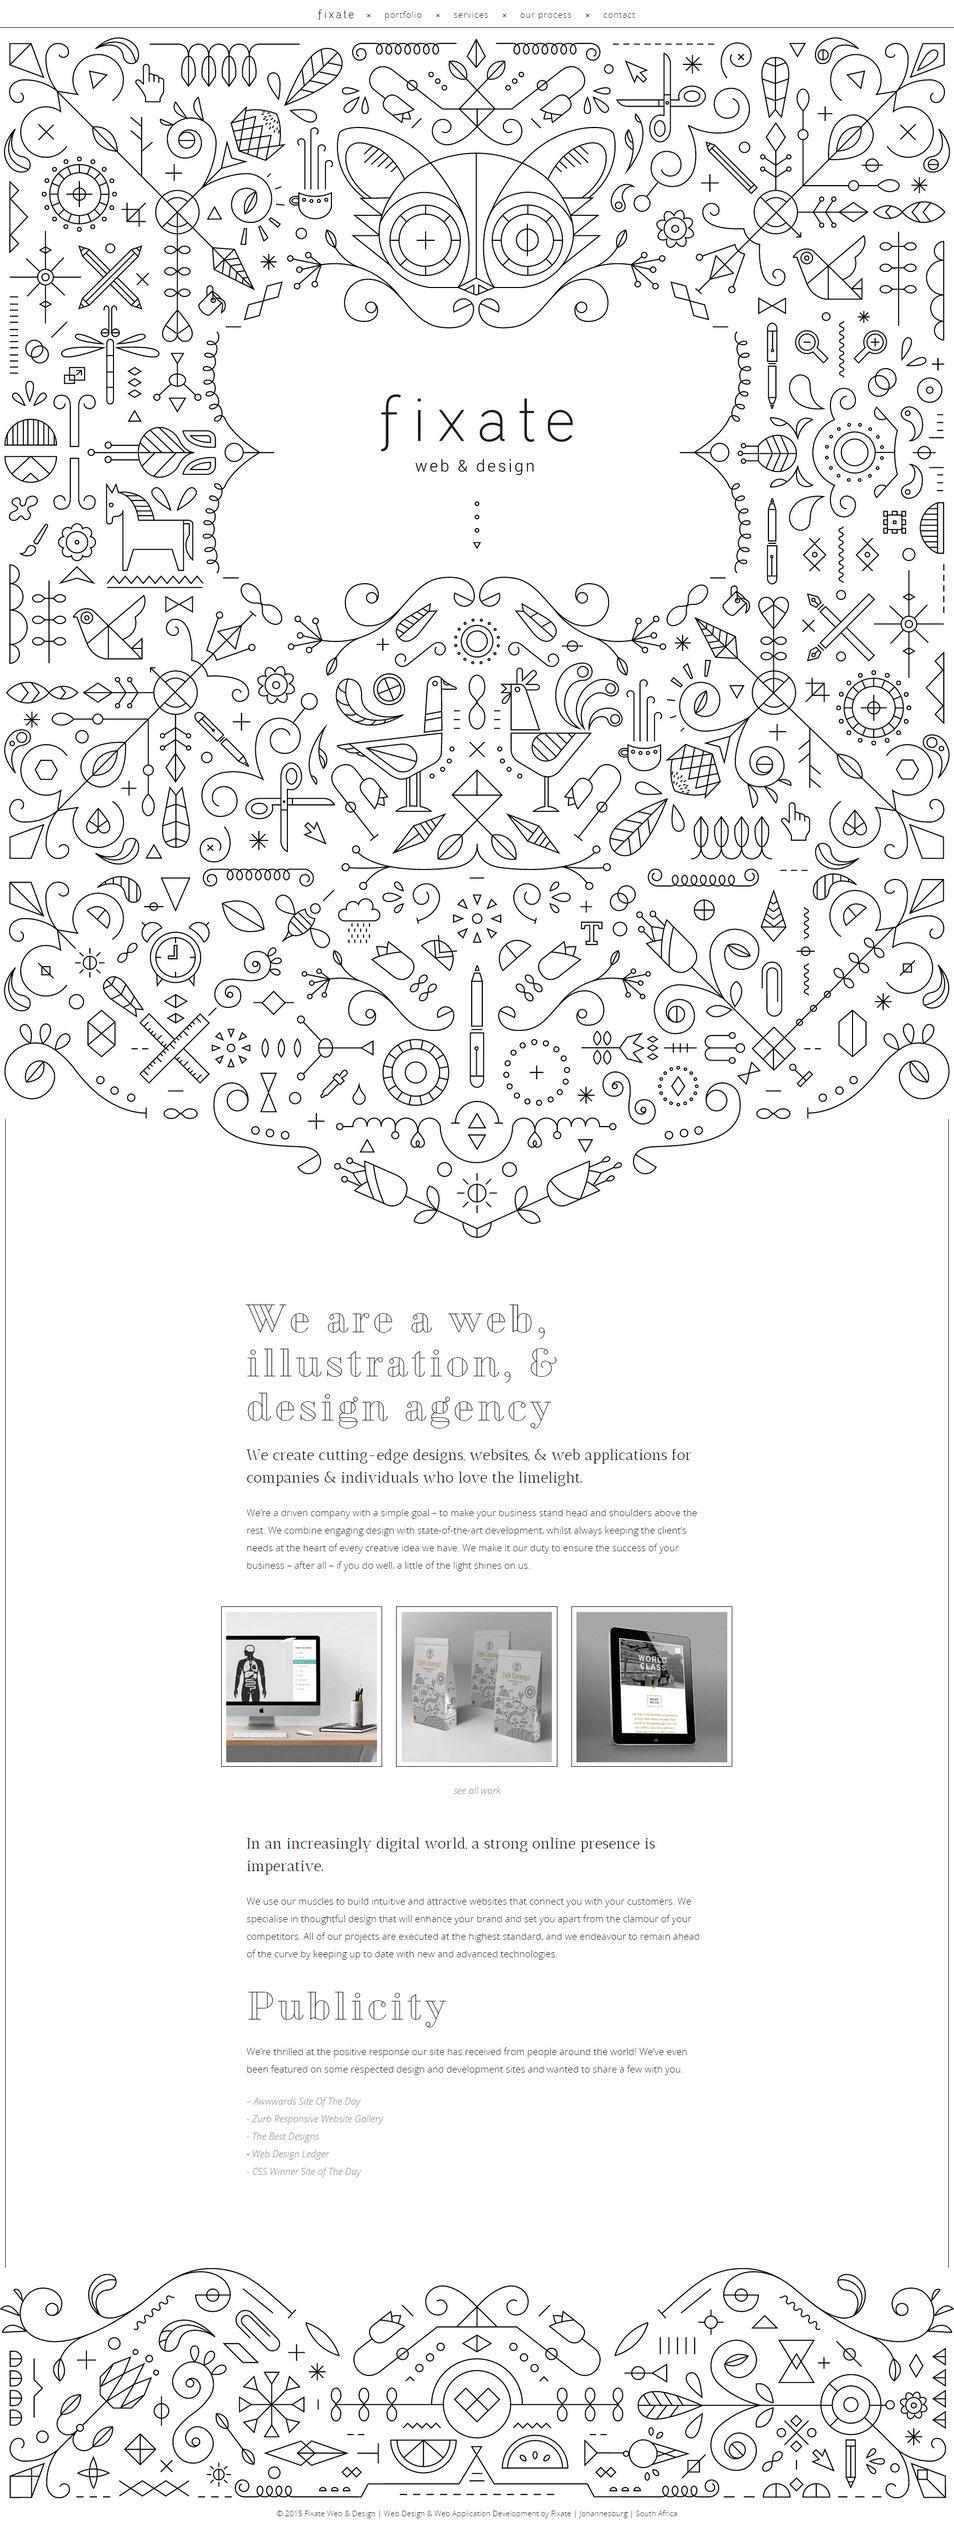 网页设计已死?来瞧瞧这些打破平淡魔咒的网页设计